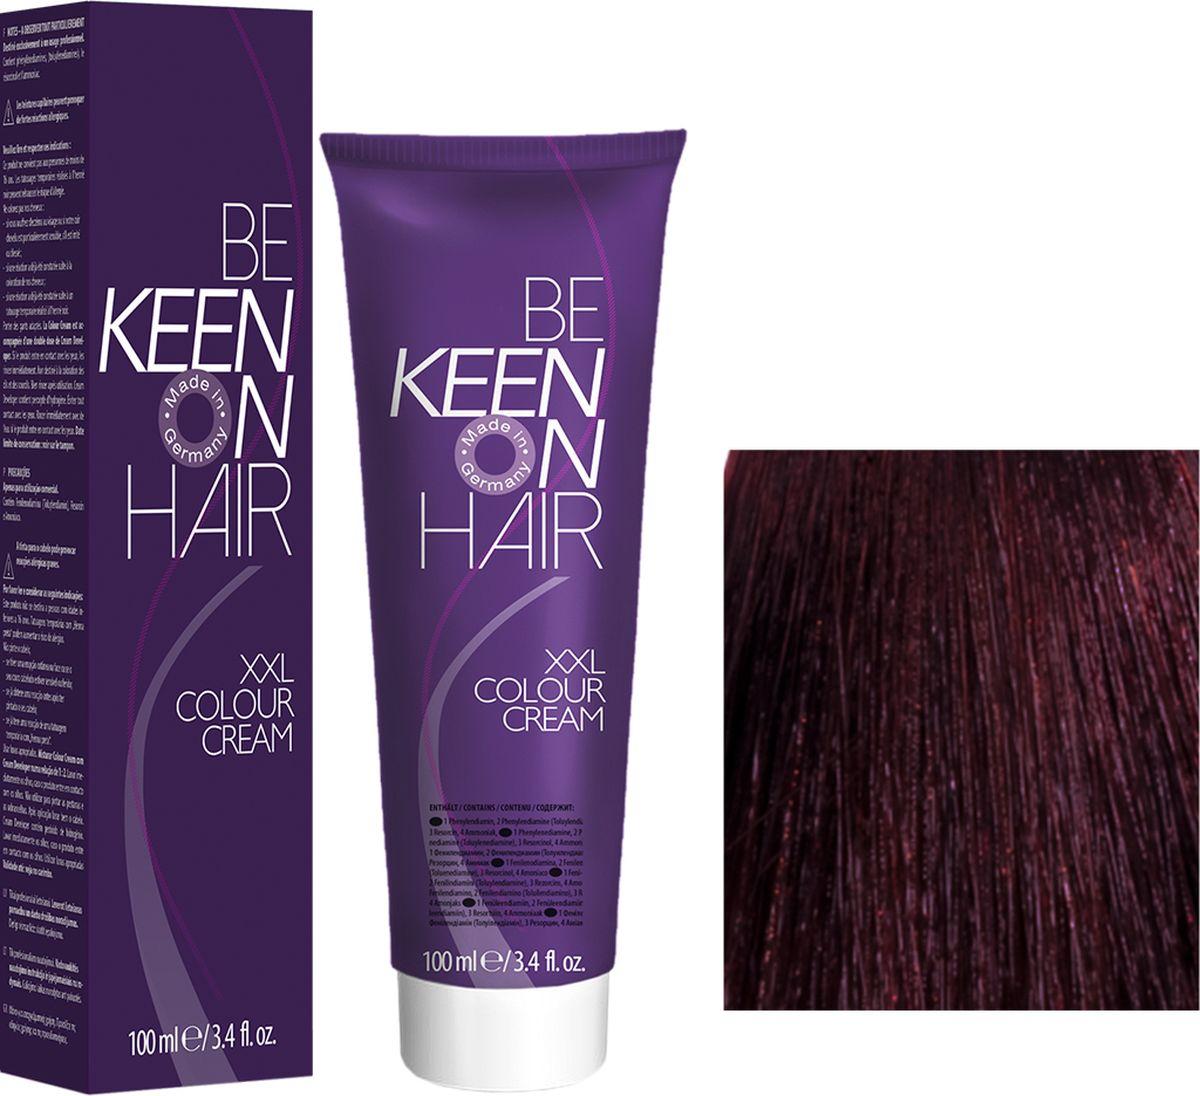 Keen Краска для волос 0.65 Фиолетово-красный Mixton Violett-Rot, 100 мл69100006МИКСТОНА используют для:Усиления интенсивности соответствующих цветовых нюансовКорректировки цветаИзменения направления цвета